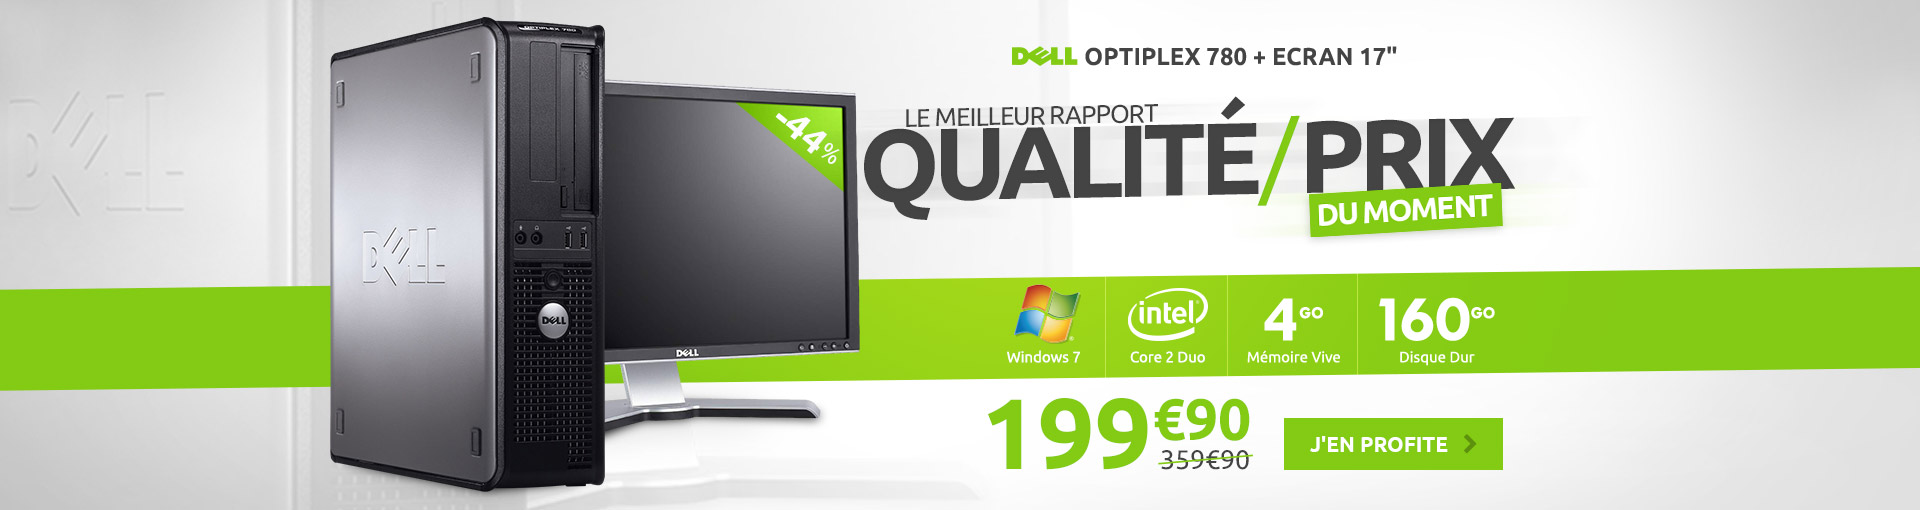 optiplex780-2